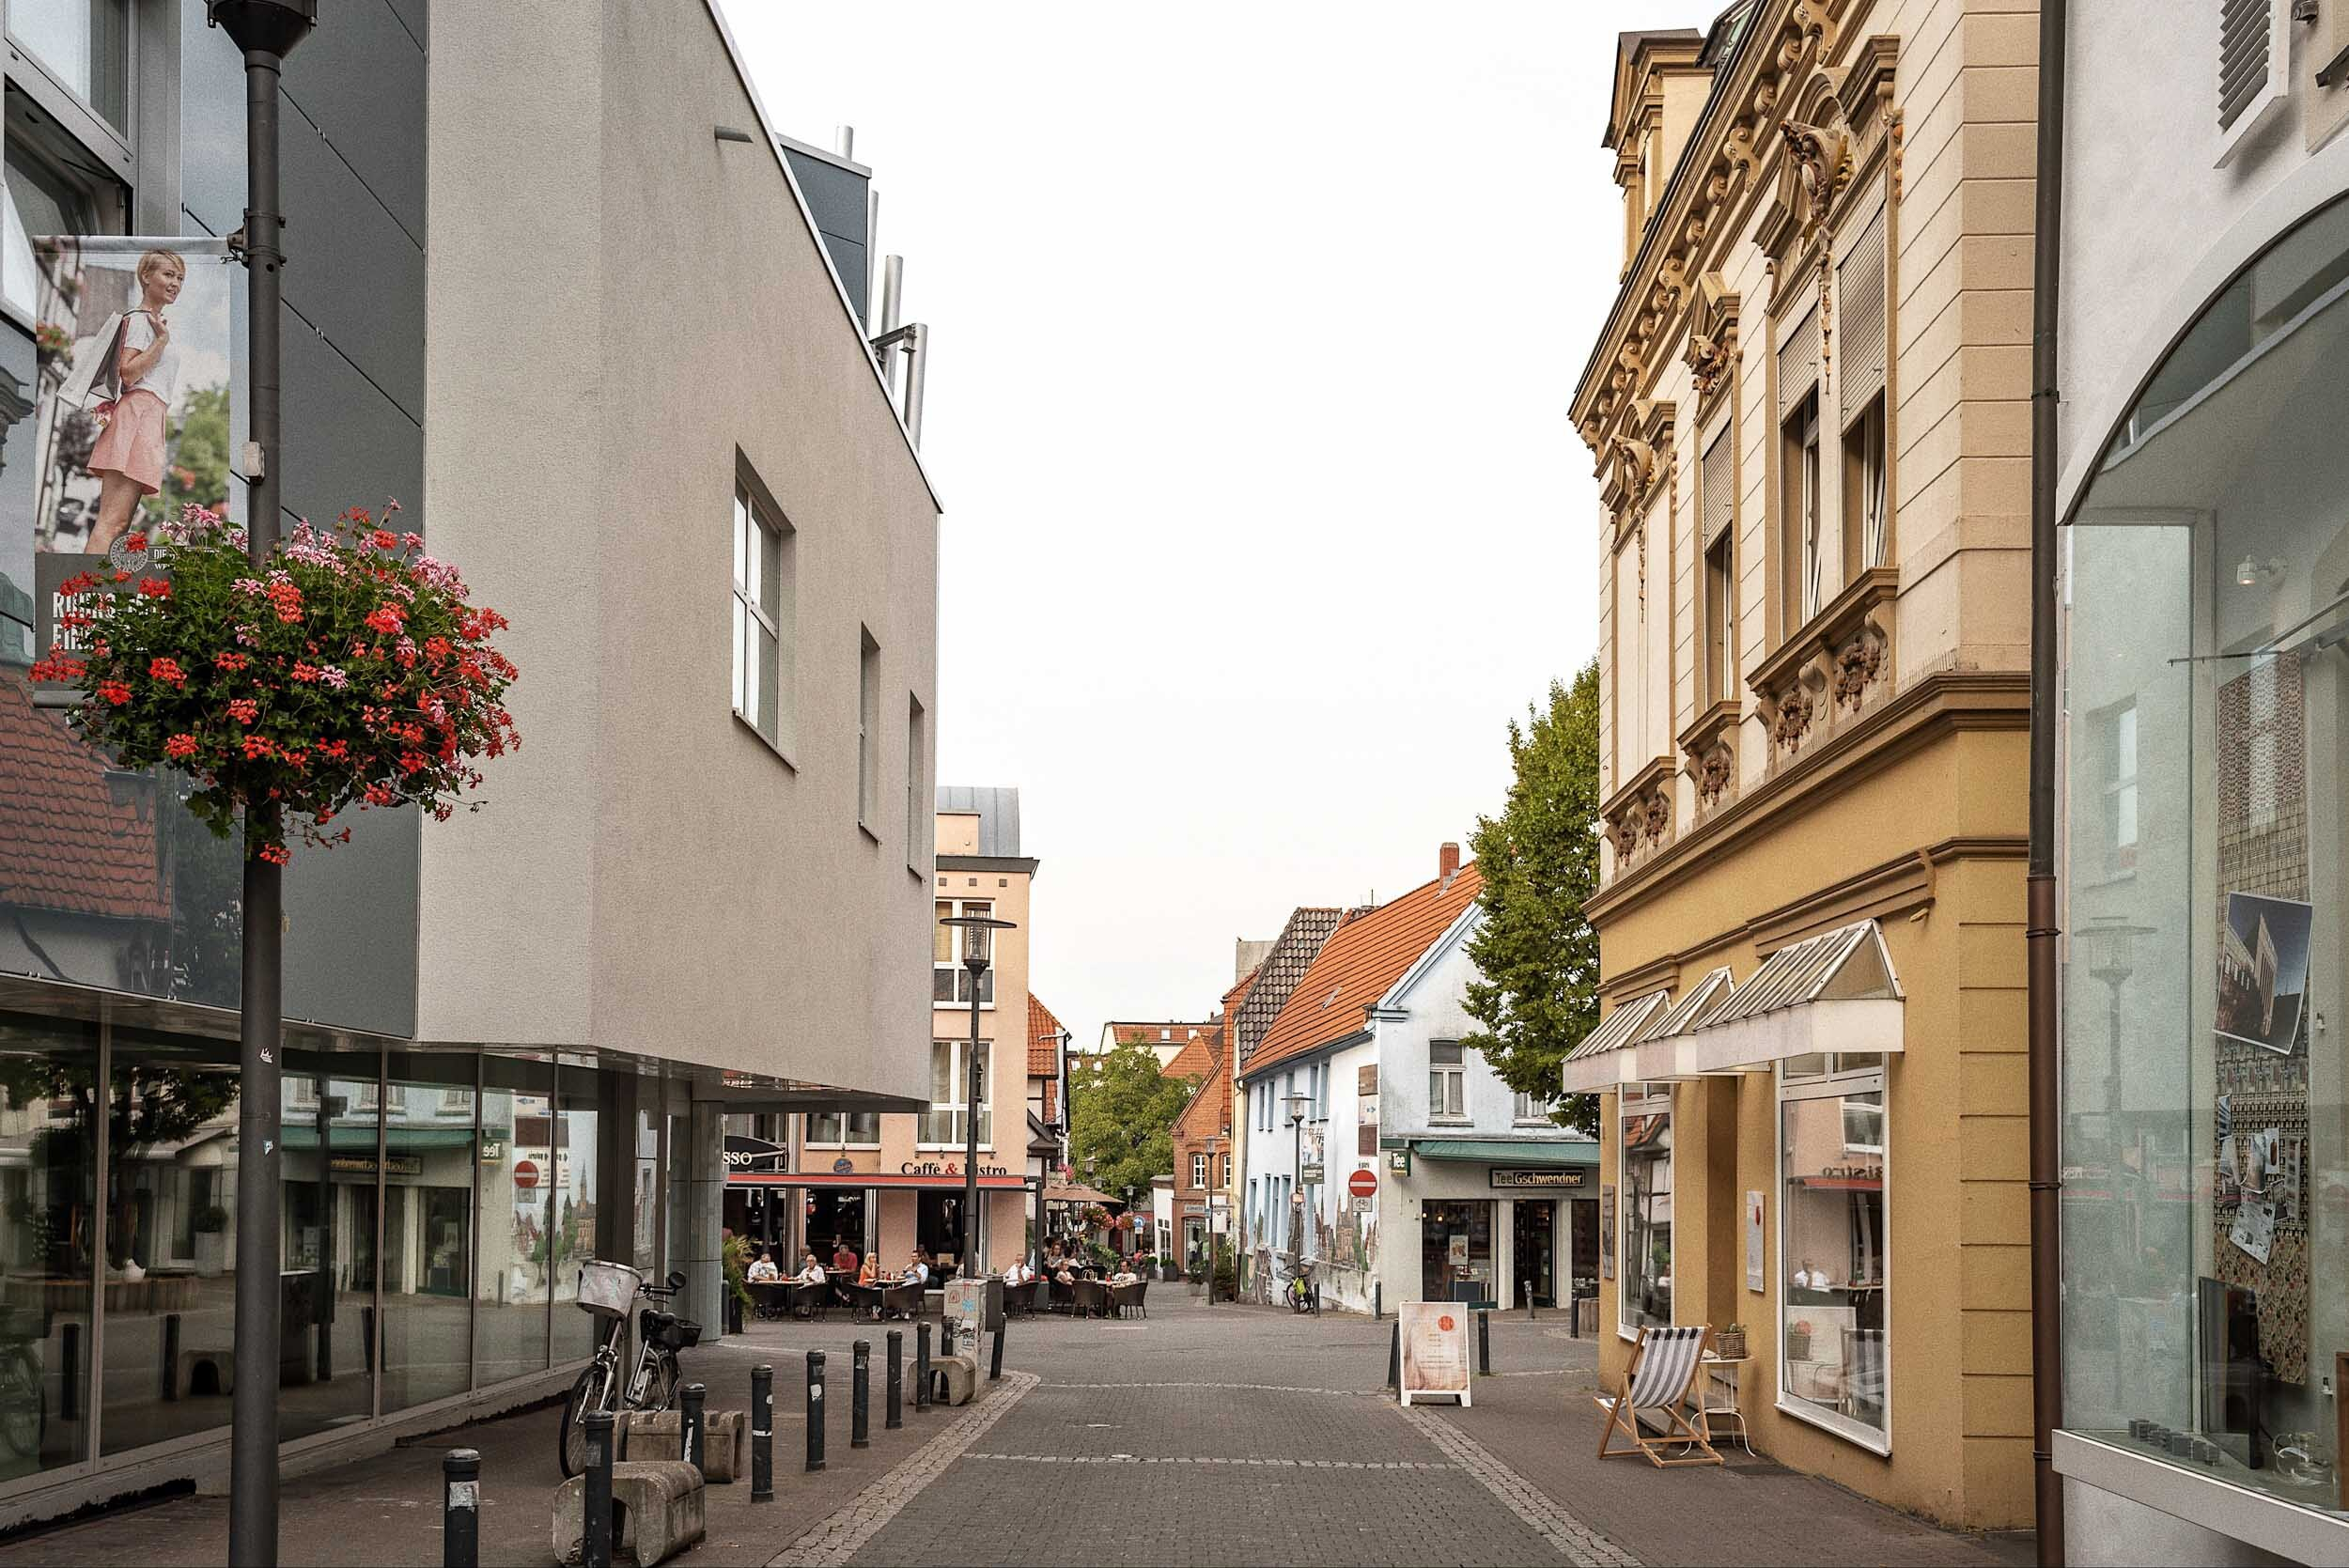 ckanani-german-industrial-region-ruhr-16.jpg